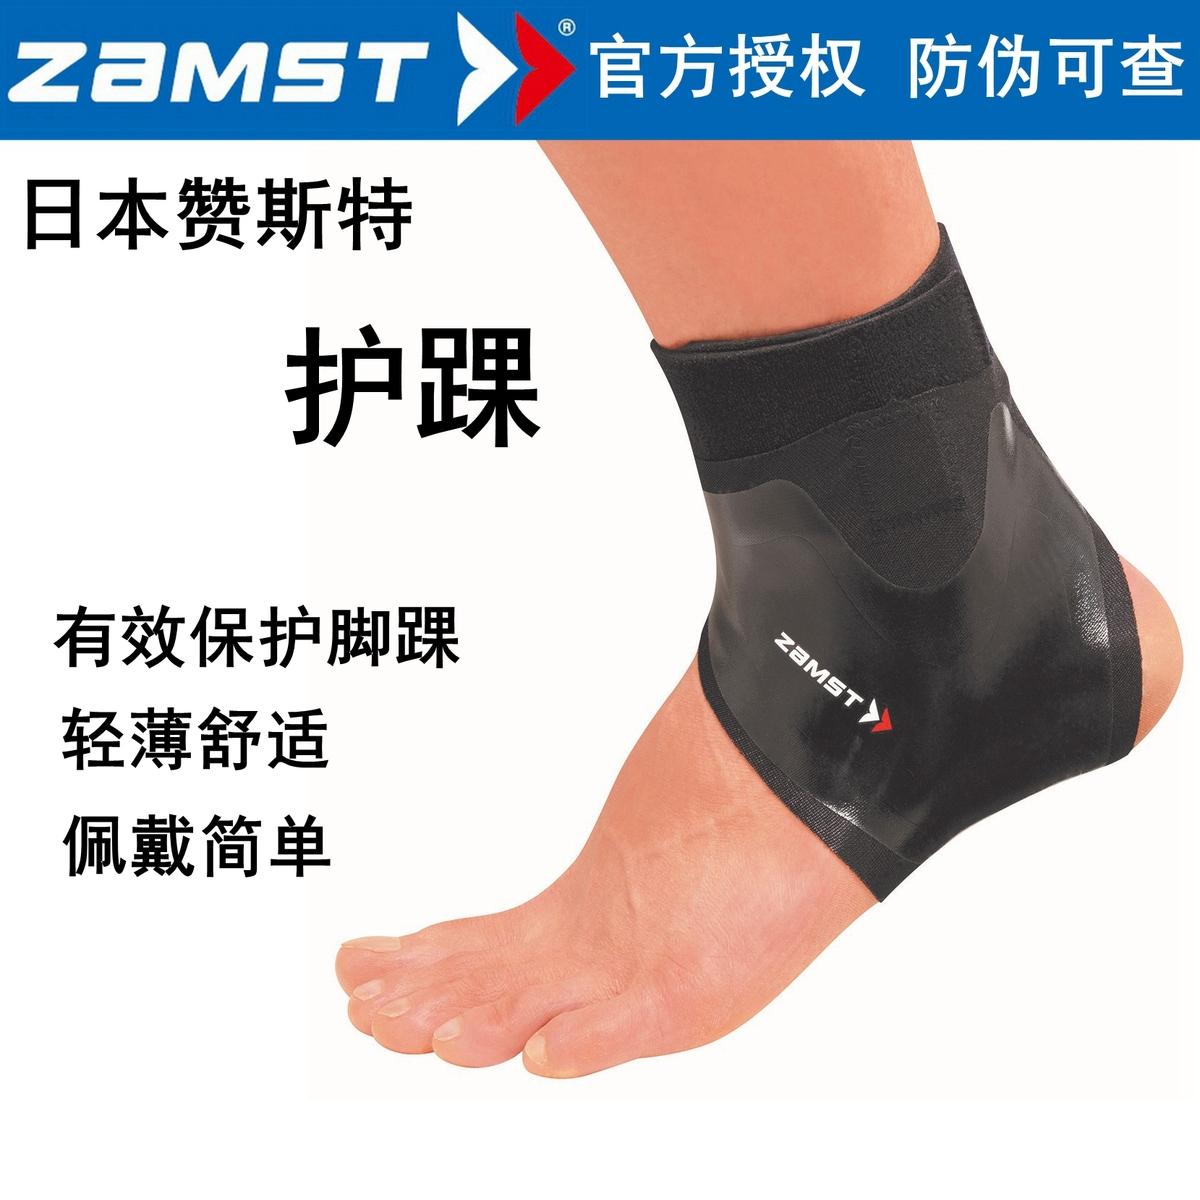 日本ZAMST赞斯特跑步护踝篮足球护踝羽毛球脚腕护filmista飞斯特